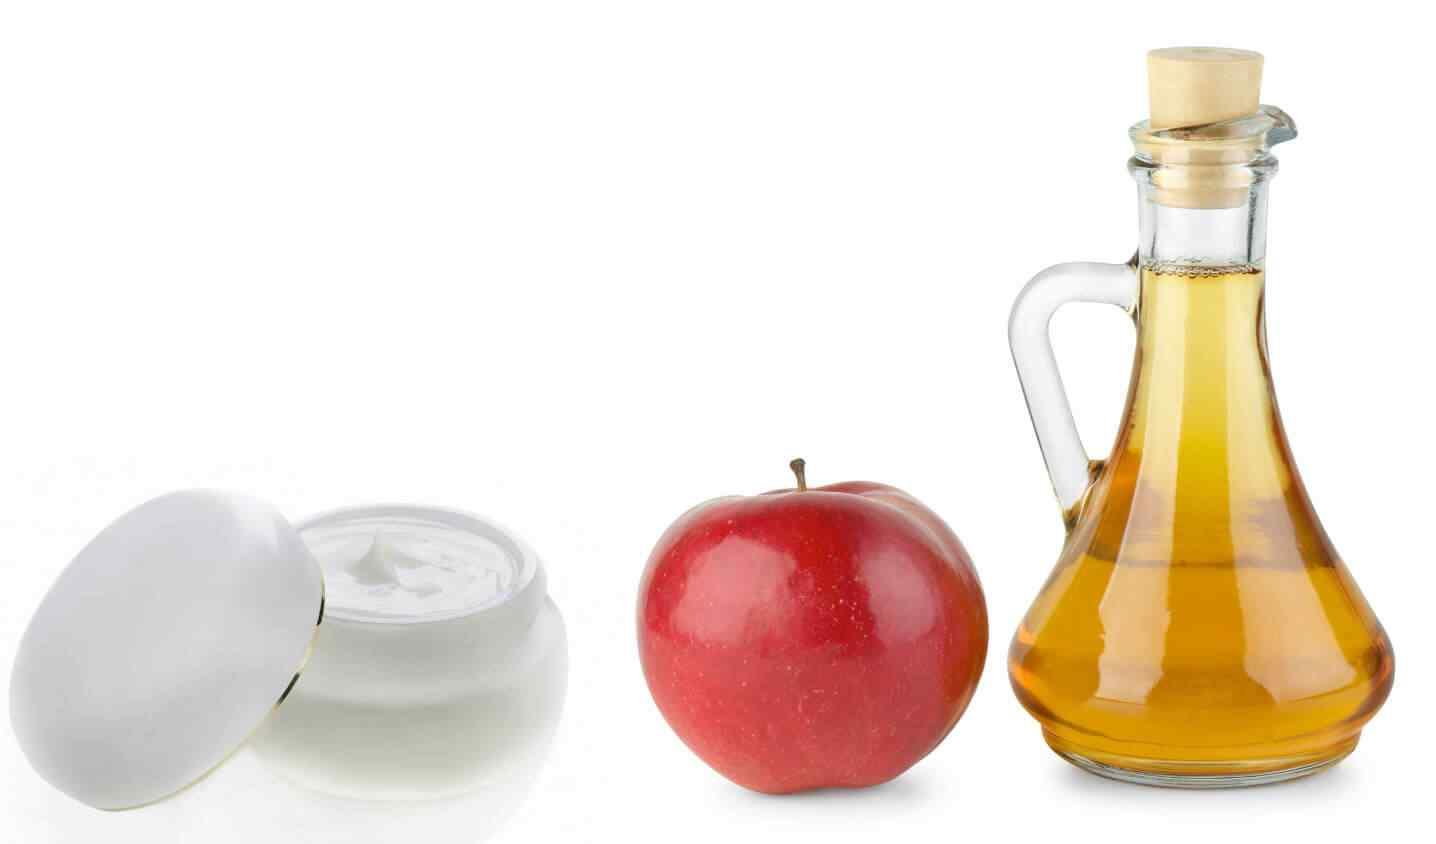 crema-con-vinagre-de-manzana-piel